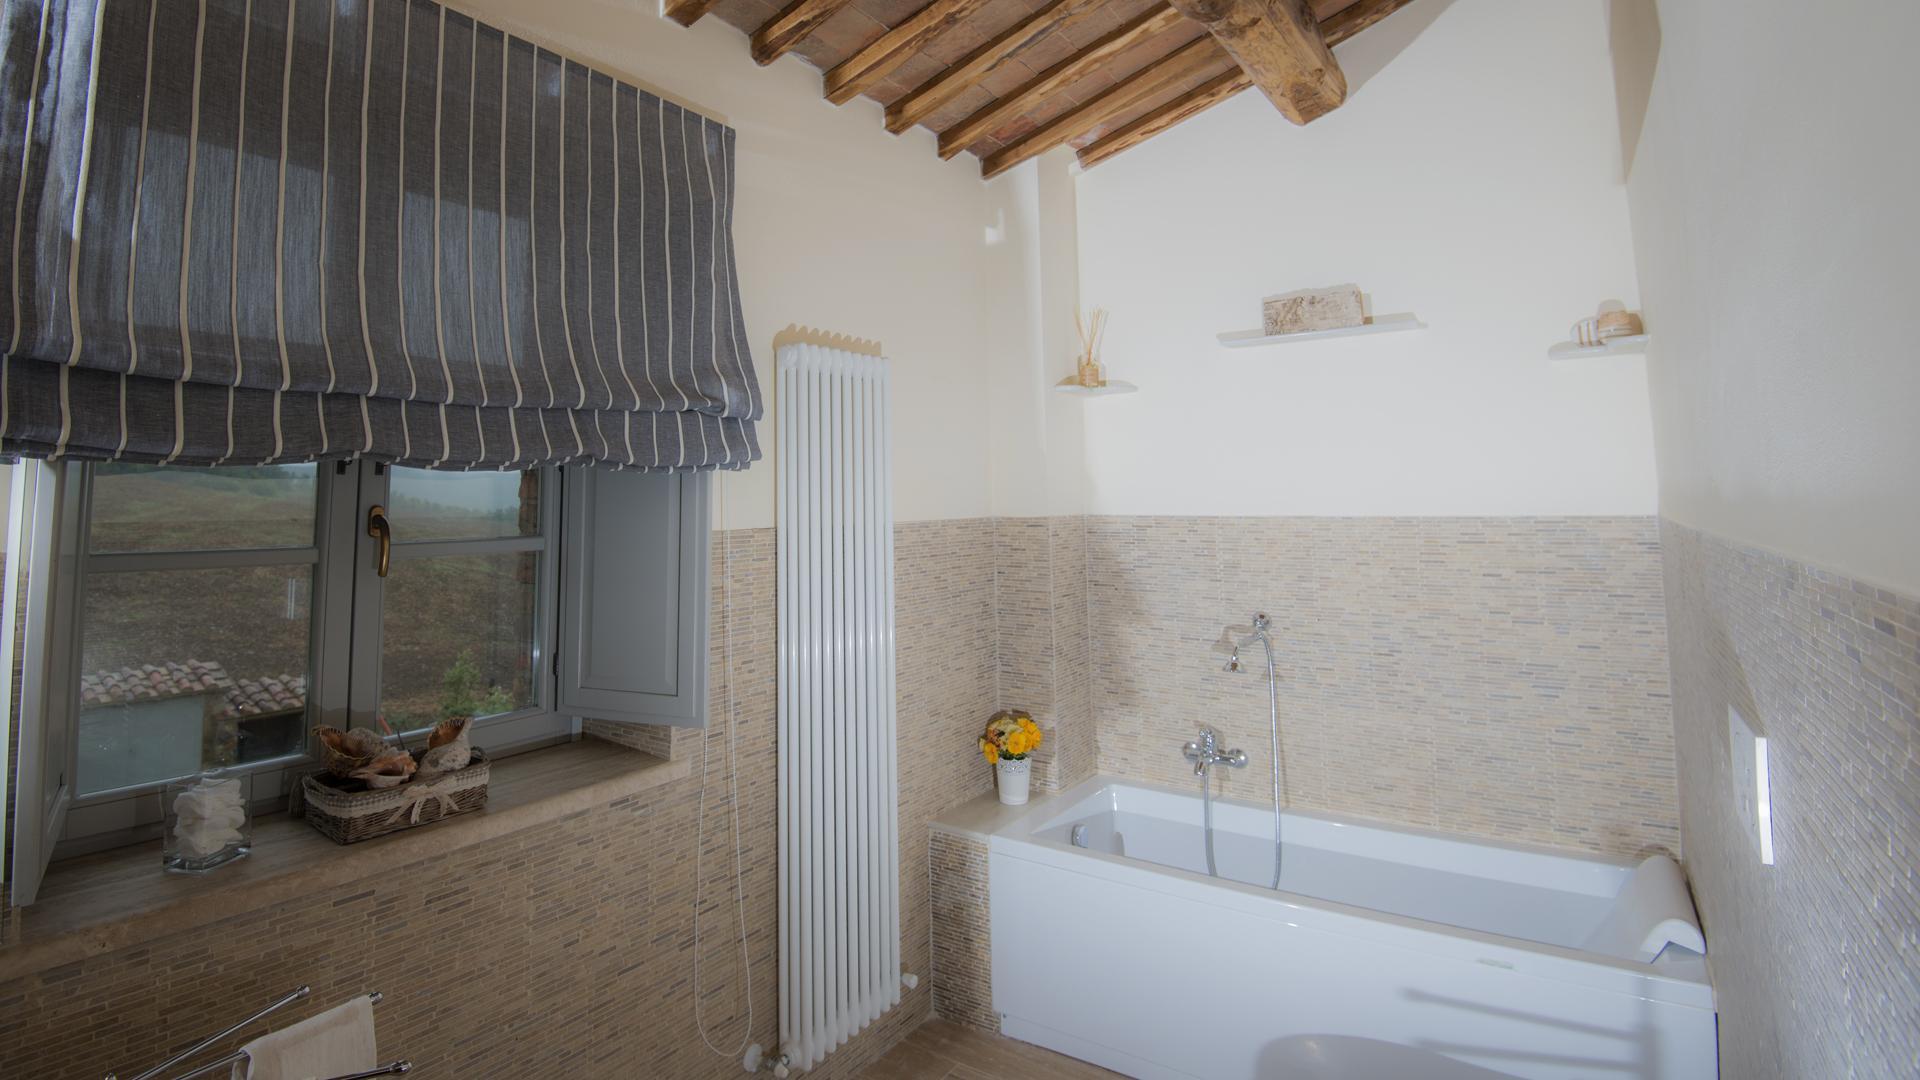 Luxe Villa Badkamer : Villa phl compositie slaapkamers met badkamer tokyoughoul re